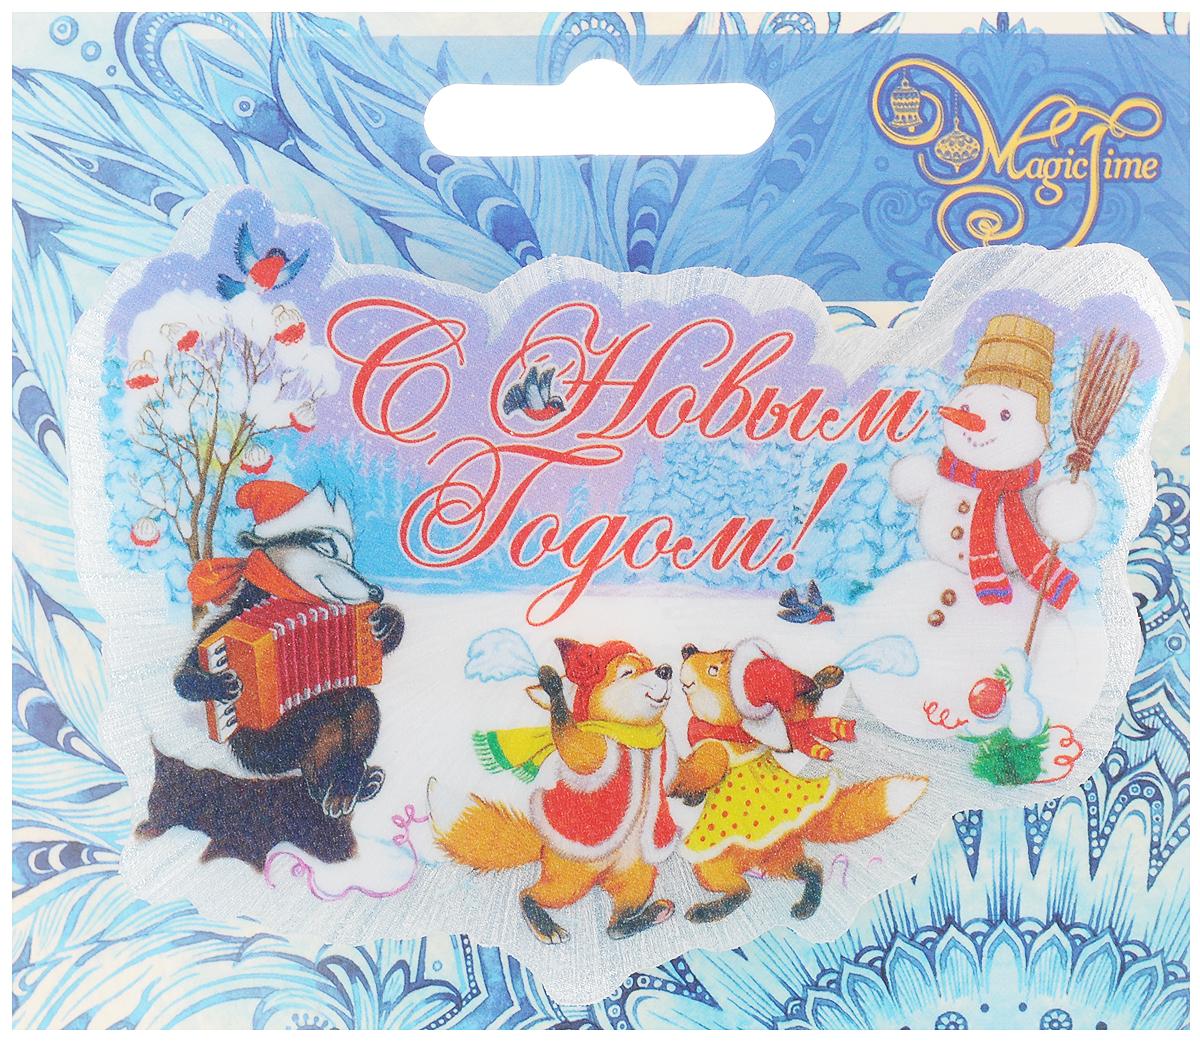 Украшение новогоднее Magic Time Новогодний праздник, со светодиодной подсветкой, 11 x 9 x 3 см42202Оригинальное новогоднее украшение Magic Time Новогодний праздник выполнено из ПВХ. С помощью специальной вакуумной присоски украшение можно прикрепить почти на любую плоскую поверхность. Светодиодная подсветка создаст атмосферу волшебства и ощущение праздника.Такой сувенир оформит ваш интерьер в преддверии Нового года и создаст атмосферу уюта.Размер: 11 x 9 x 3 см;Элемент питания: LR44;Мощность: 0,06 Вт;Напряжение: 3 В.